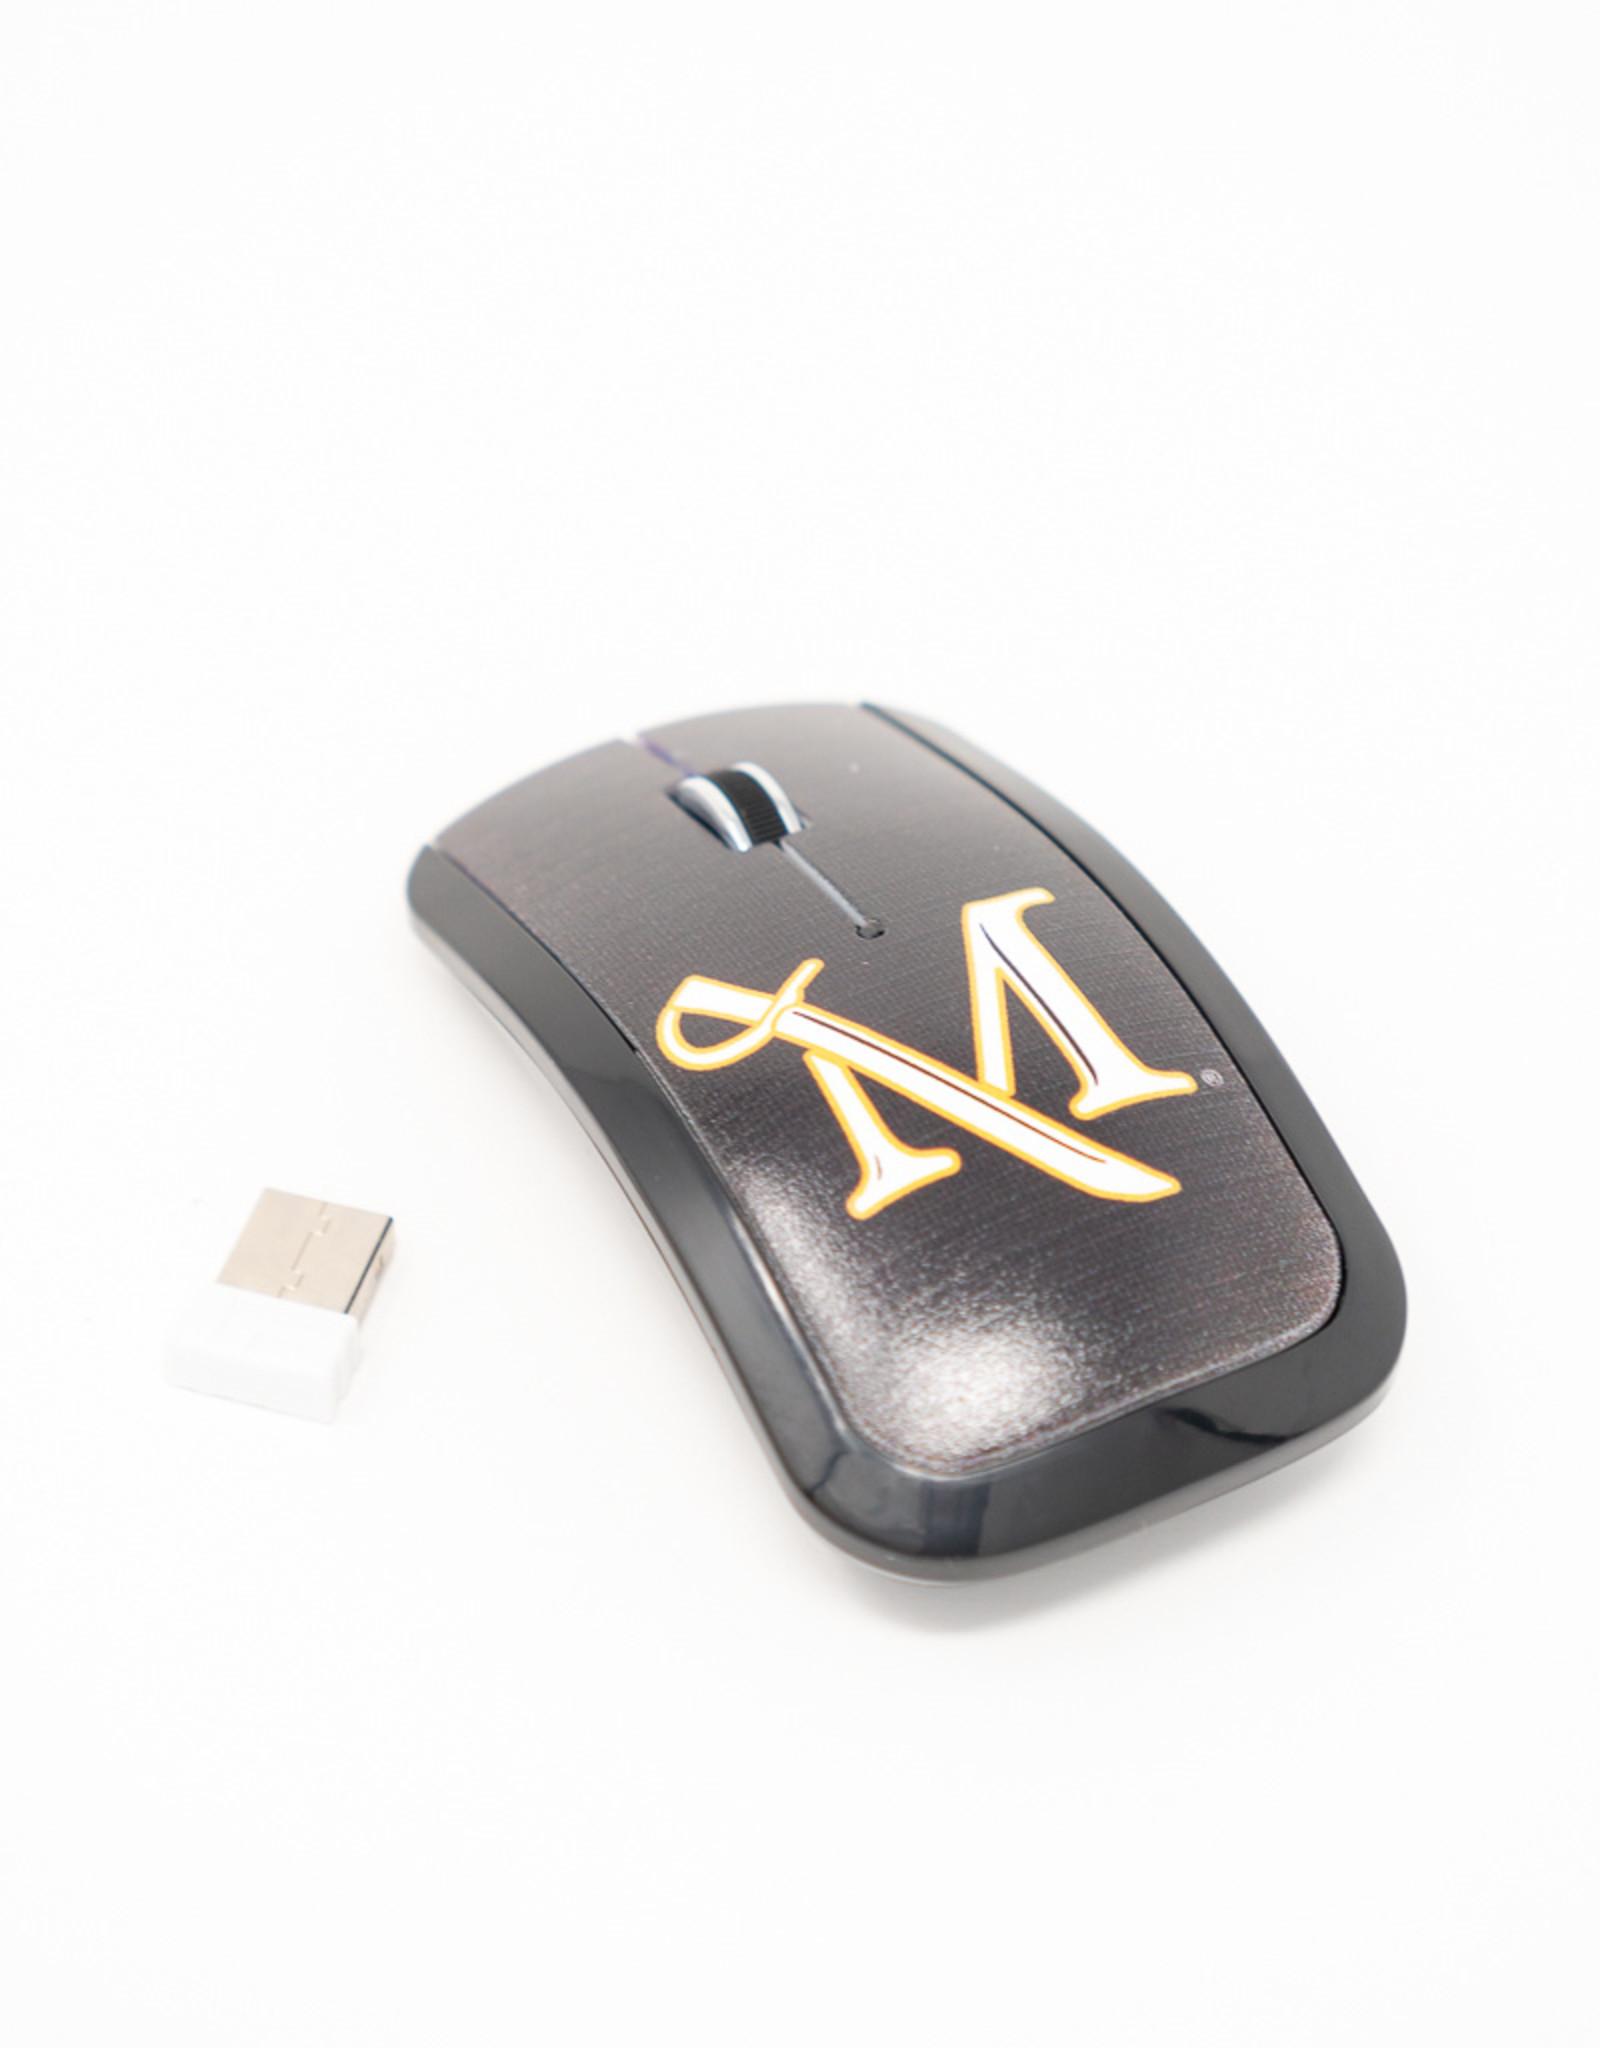 M Sword Mouse